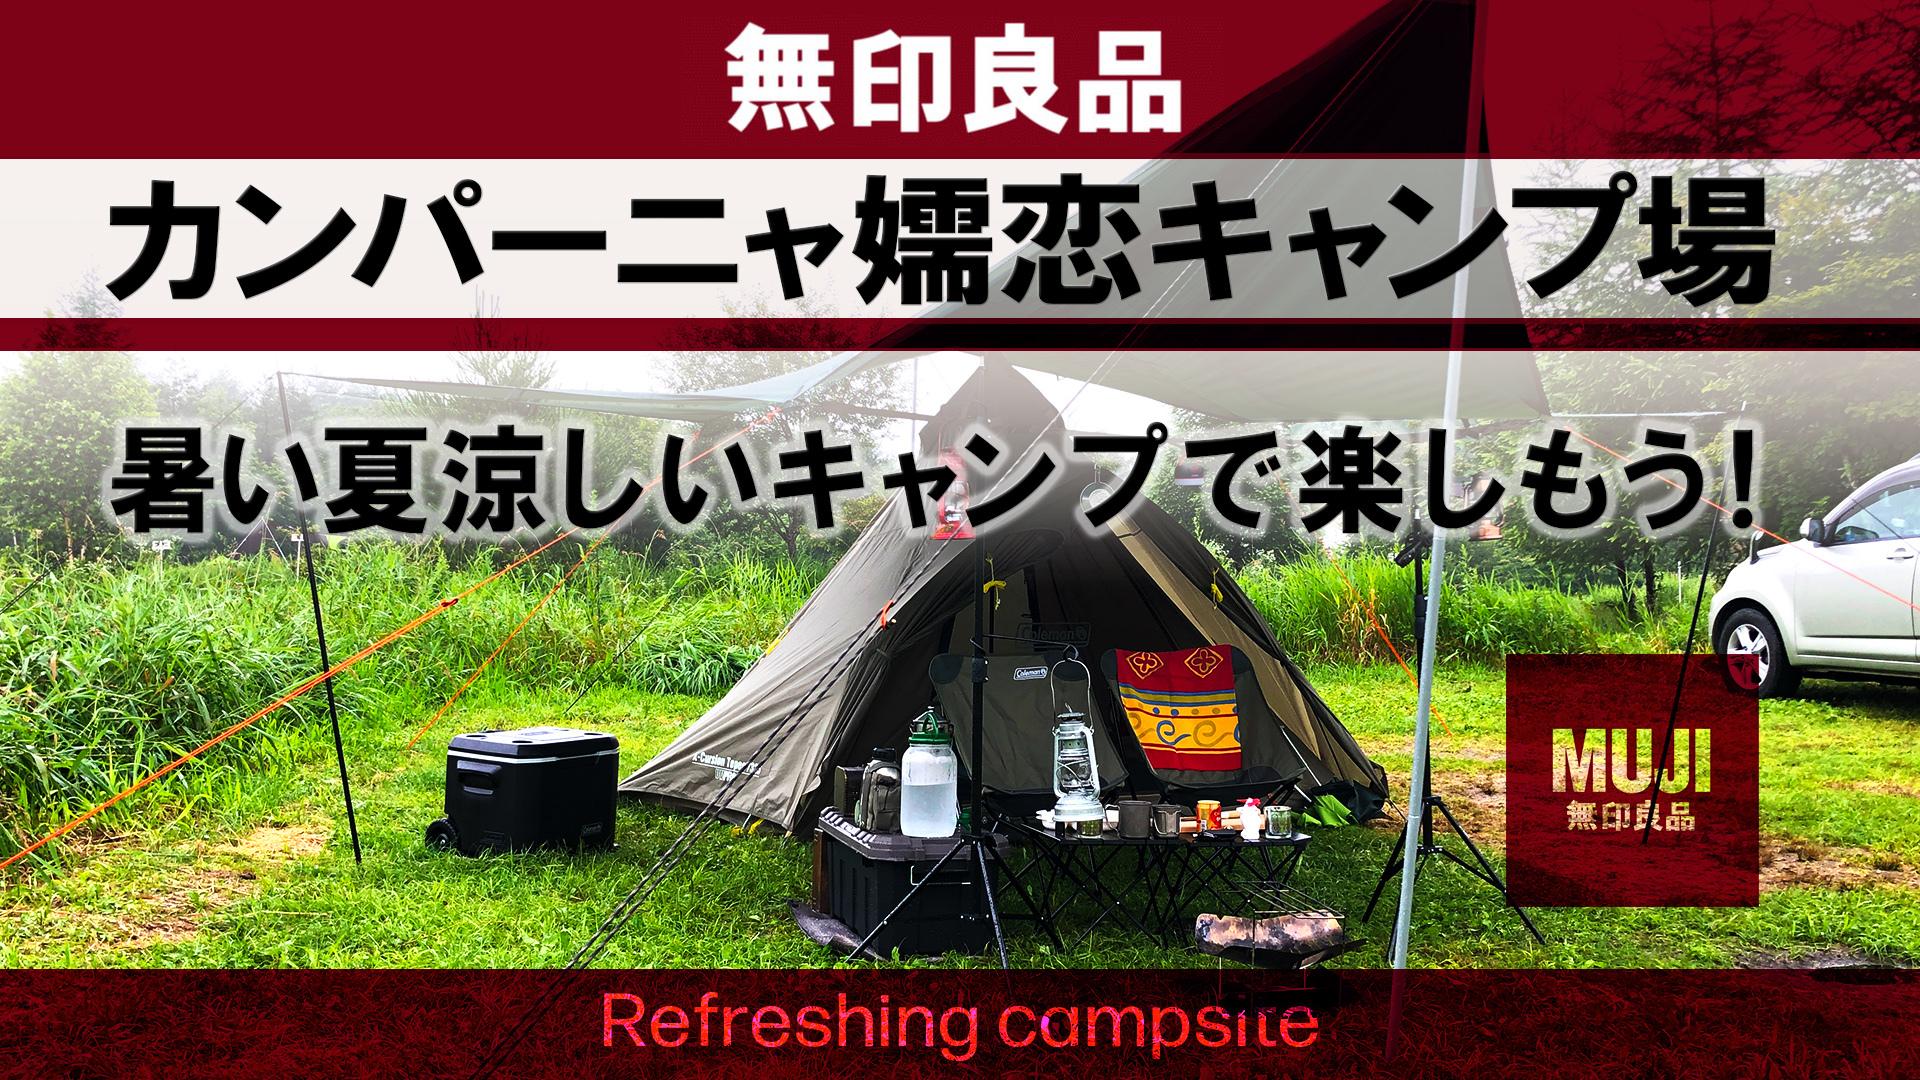 muji-hyoushi-03.jpg